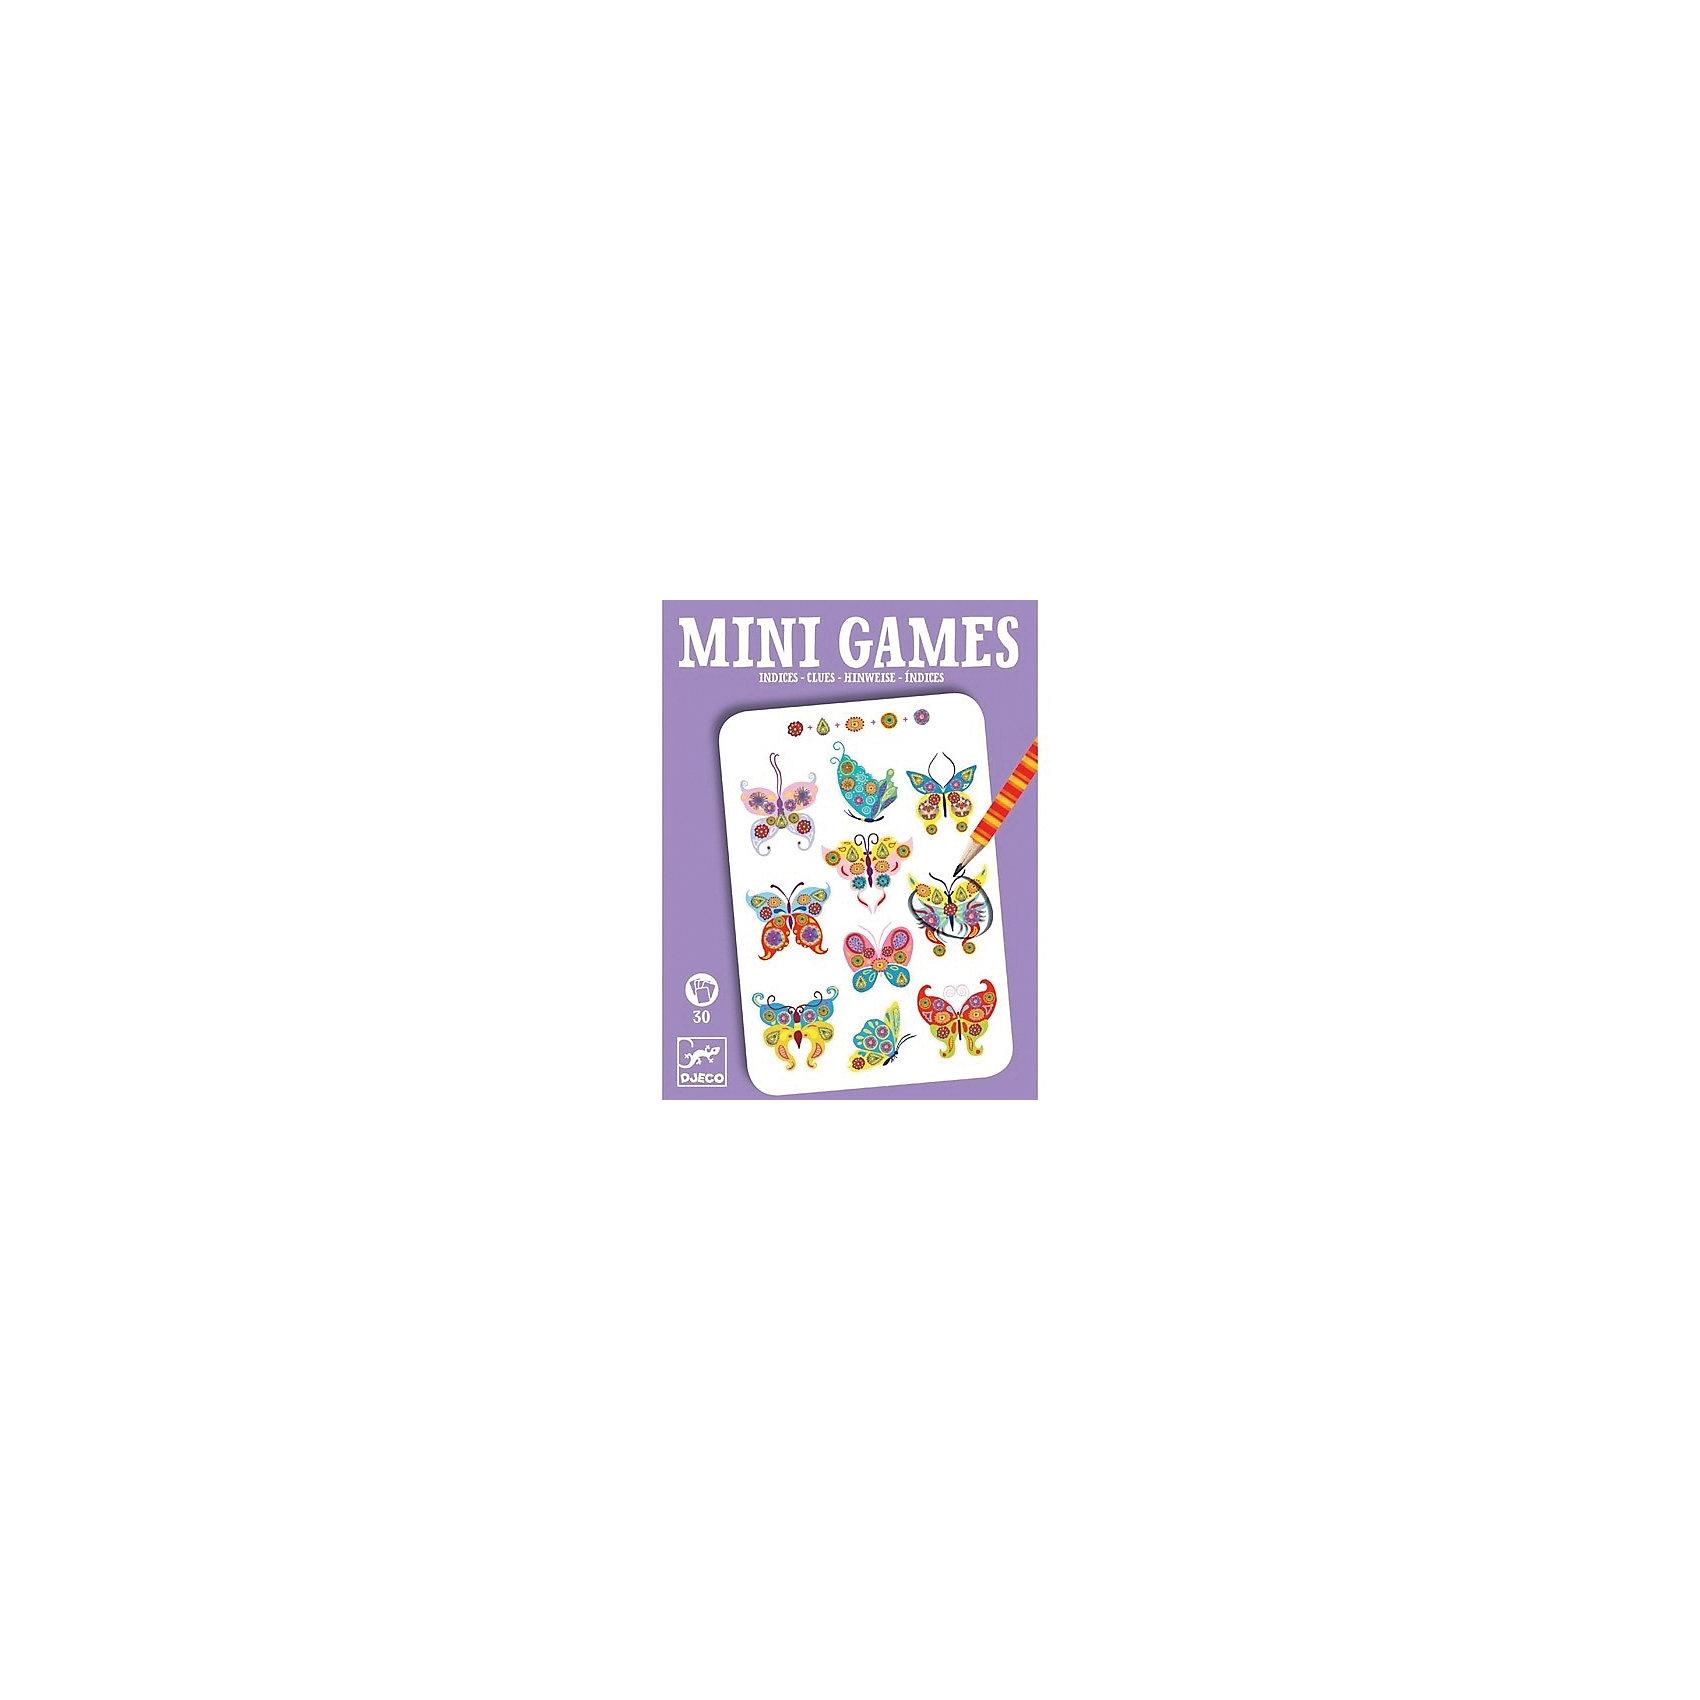 Мини игра Подсказки Феодоры,  DJECOИгры в дорогу<br>Забудьте о скучных путешествиях вместе с замечательной игрой Подсказки Феодоры от DJECO (Джеко). Теперь в мини формате! Игра очень красивая и компактная, поэтому она - идеальный спутник для маленького непоседы. В комплекте 30 игровых карточек на которых нарисованы любимые детьми забавные картинки. Ребенку необходимо изучить все подсказки и найти картинку, соответствующую этим подсказкам. Эта карточная игра не такая простая, как кажется на первый взгляд, для того, чтобы выполнить задание, необходимо быть внимательным и хорошо сконцентрироваться. Игра настолько увлекательная, что ее можно использовать и для целой компании, находя нужную картинку на скорость. Очень важно развивать у малыша внимание, усидчивость и логику. А лучше делать все это во время увлекательной игры, которая никогда не надоедает, ведь в наборе карточки с занимательными сюжетами!<br><br>Дополнительная информация: <br><br>- В наборе: 30 игровых карточек, карандаш;<br>- Удобно брать в путешествия;<br>- Можно играть одному или с компанией ;<br>- Отличный подарок;<br>- Понравится и взрослым и детям;<br>- Игра  продается в красивой картонной коробке;<br>- Размер упаковки: 11 х 15 х 2 см;<br>- Вес: 250 г<br><br>Мини игру Подсказки Феодоры,  DJECO (Джеко) можно купить в нашем интернет-магазине.<br><br>Ширина мм: 110<br>Глубина мм: 150<br>Высота мм: 13<br>Вес г: 170<br>Возраст от месяцев: 72<br>Возраст до месяцев: 144<br>Пол: Унисекс<br>Возраст: Детский<br>SKU: 3778411